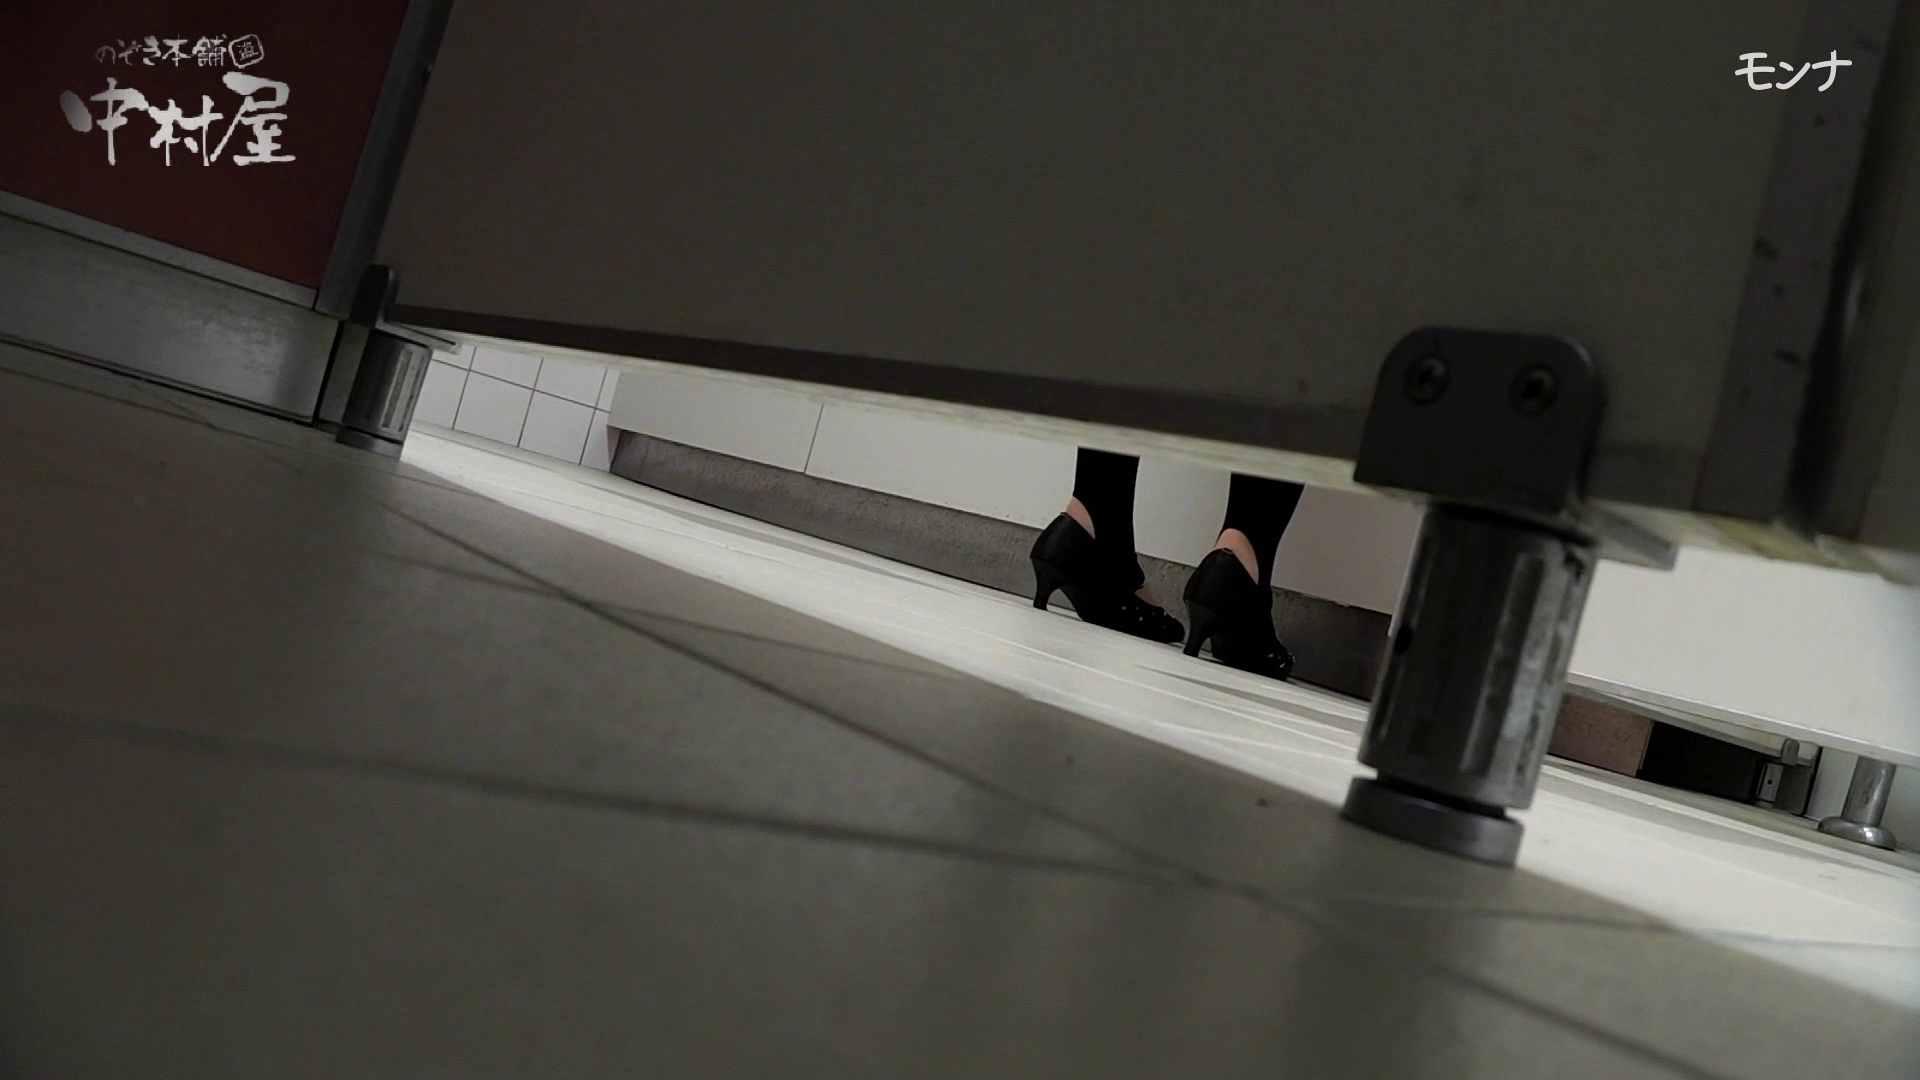 美しい日本の未来 No.49 何があった?カメラ持ちながらみんなの前に!潜り抜け 後編 盗撮師作品  79pic 40